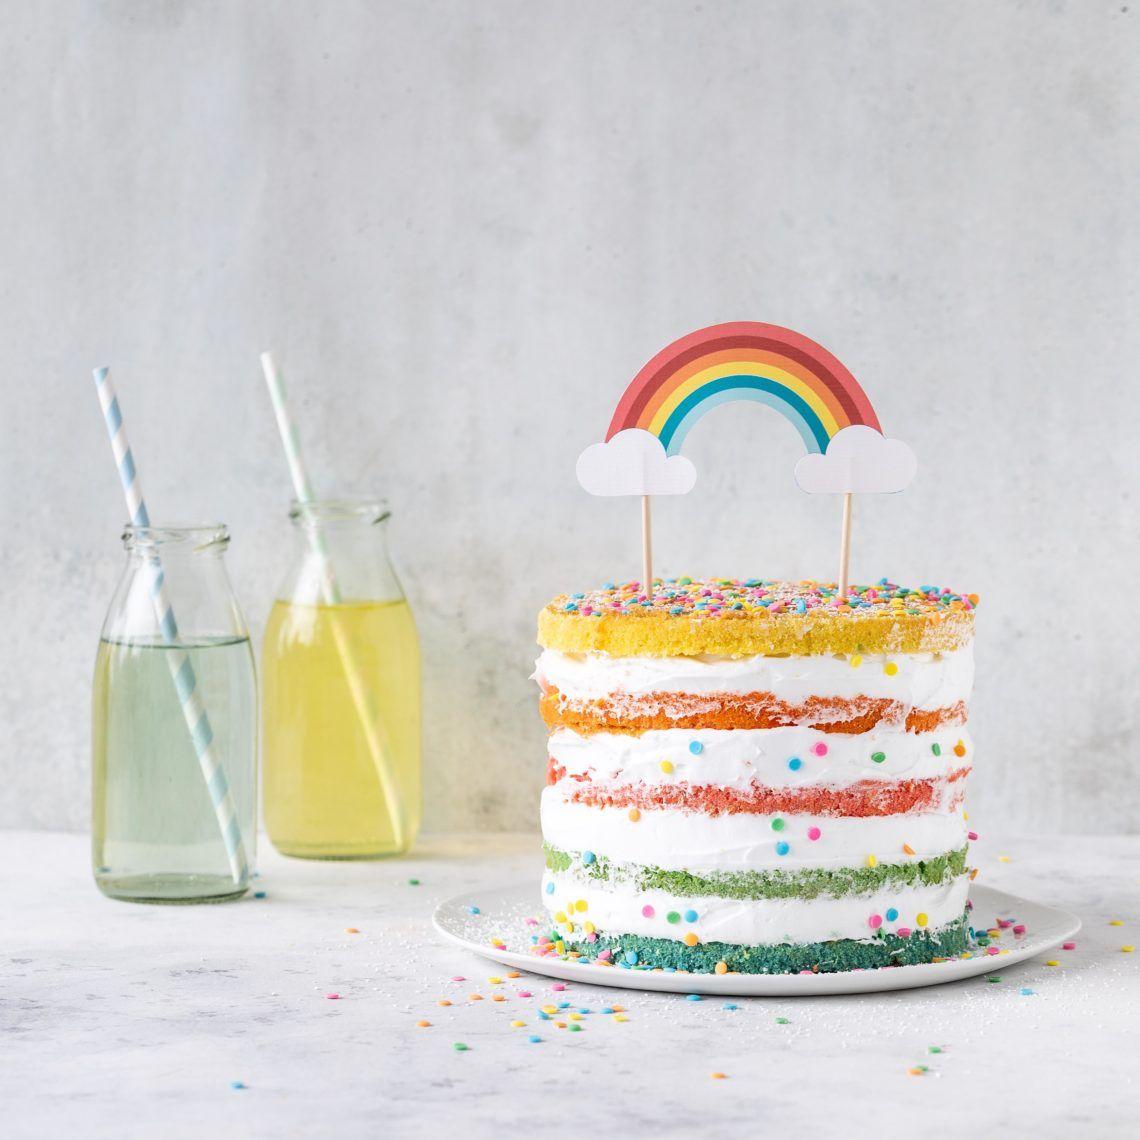 Glutenfreie Nussecken Eine Verlosung Emma S Lieblingsstucke Rezept Regenbogentorte Backen Mit Kindern Regenbogen Kuchen